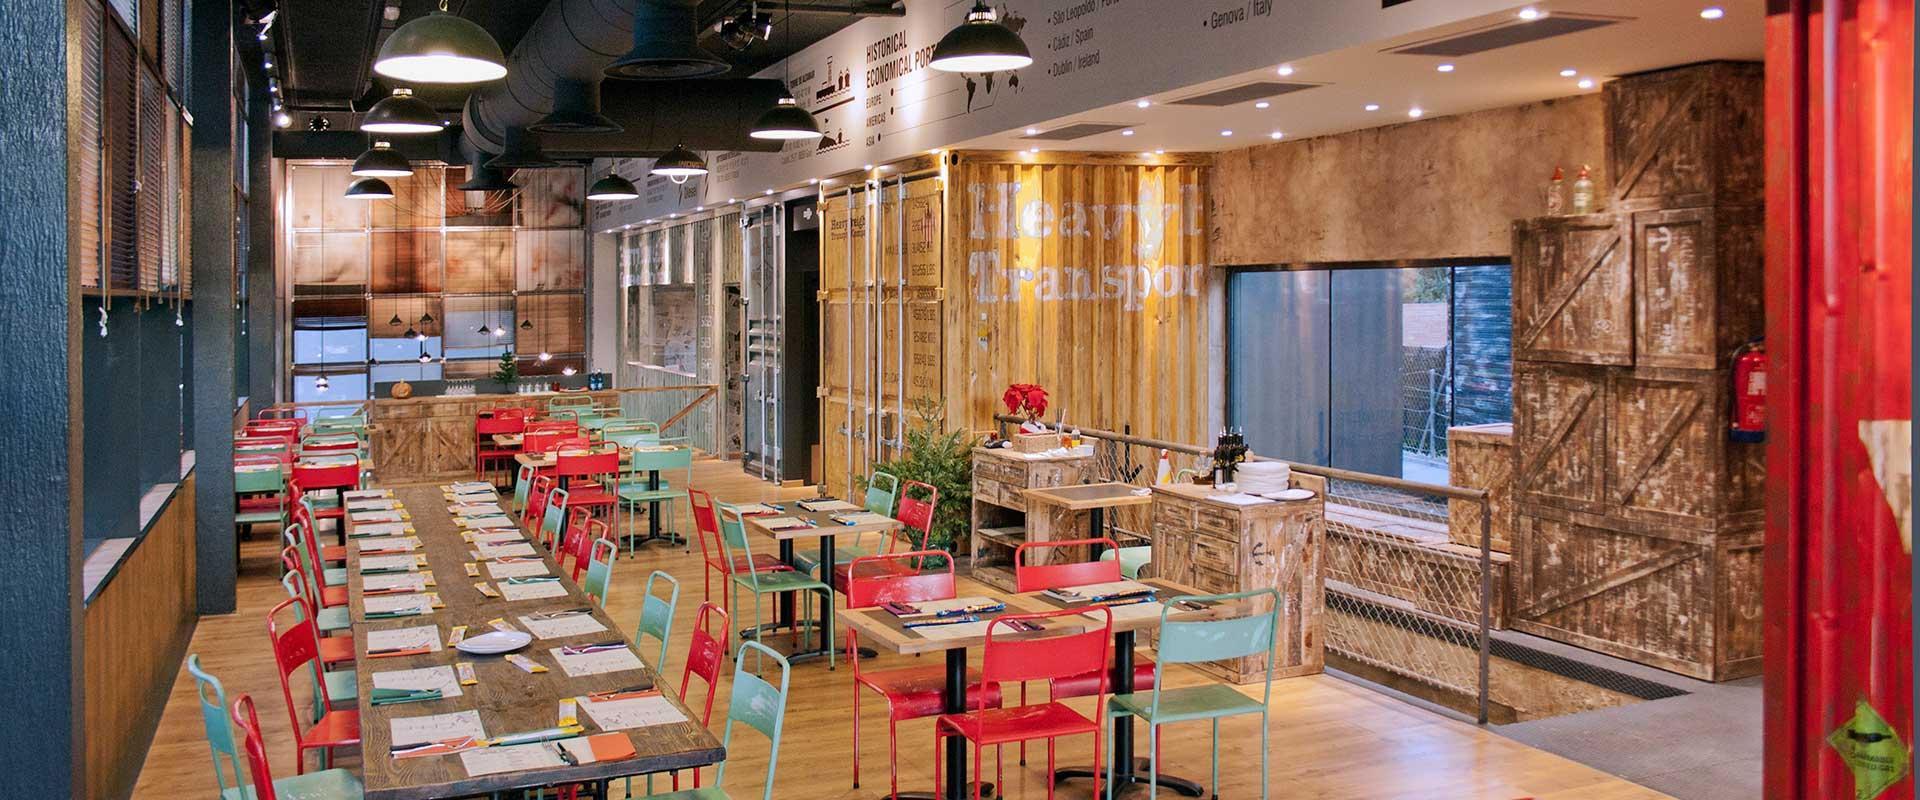 Da2 arquitectura interiorismo y arquitectura for Diseno de restaurantes